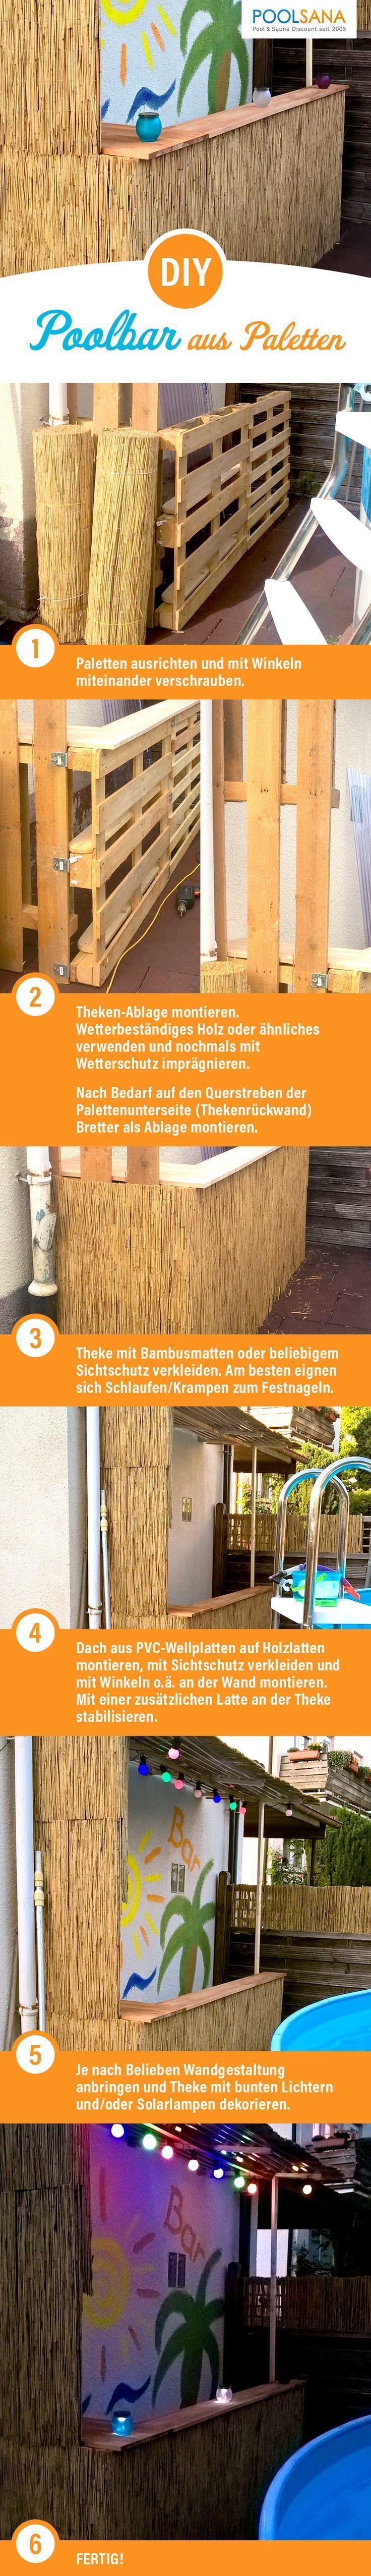 Diy Poolbar Aus Paletten So Bauen Sie Schritt Fur Schritt Einfach Und Kosteng Pool Bar Poolbar Bar Aus Paletten